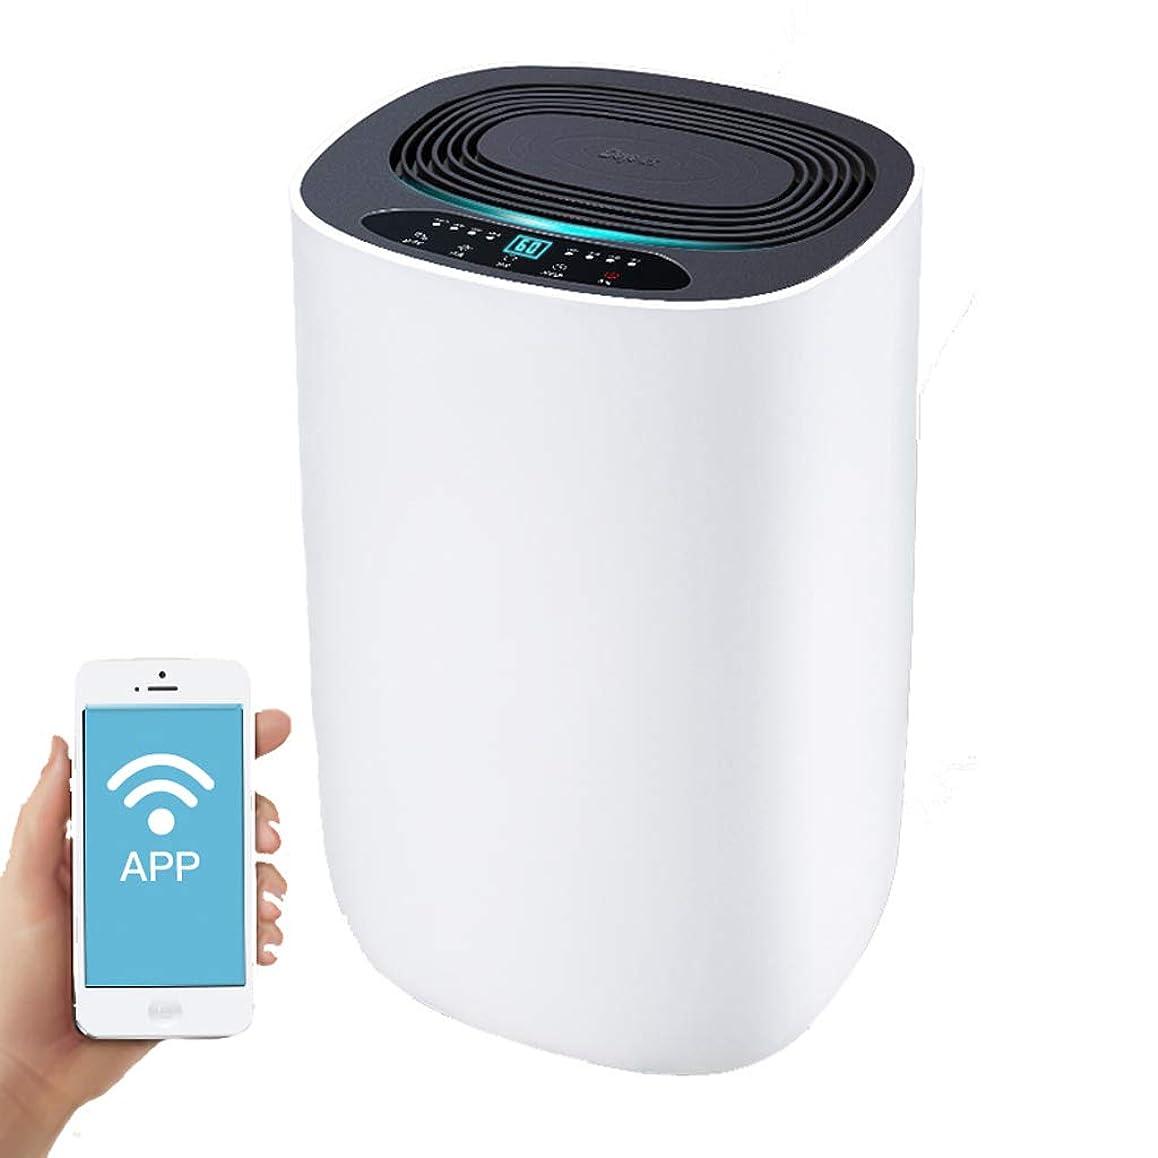 報告書以来タオル家の無声スマートな加湿器、寝室の地下の小さい空気湿気の除湿器の除湿器 - 2.5l水漕